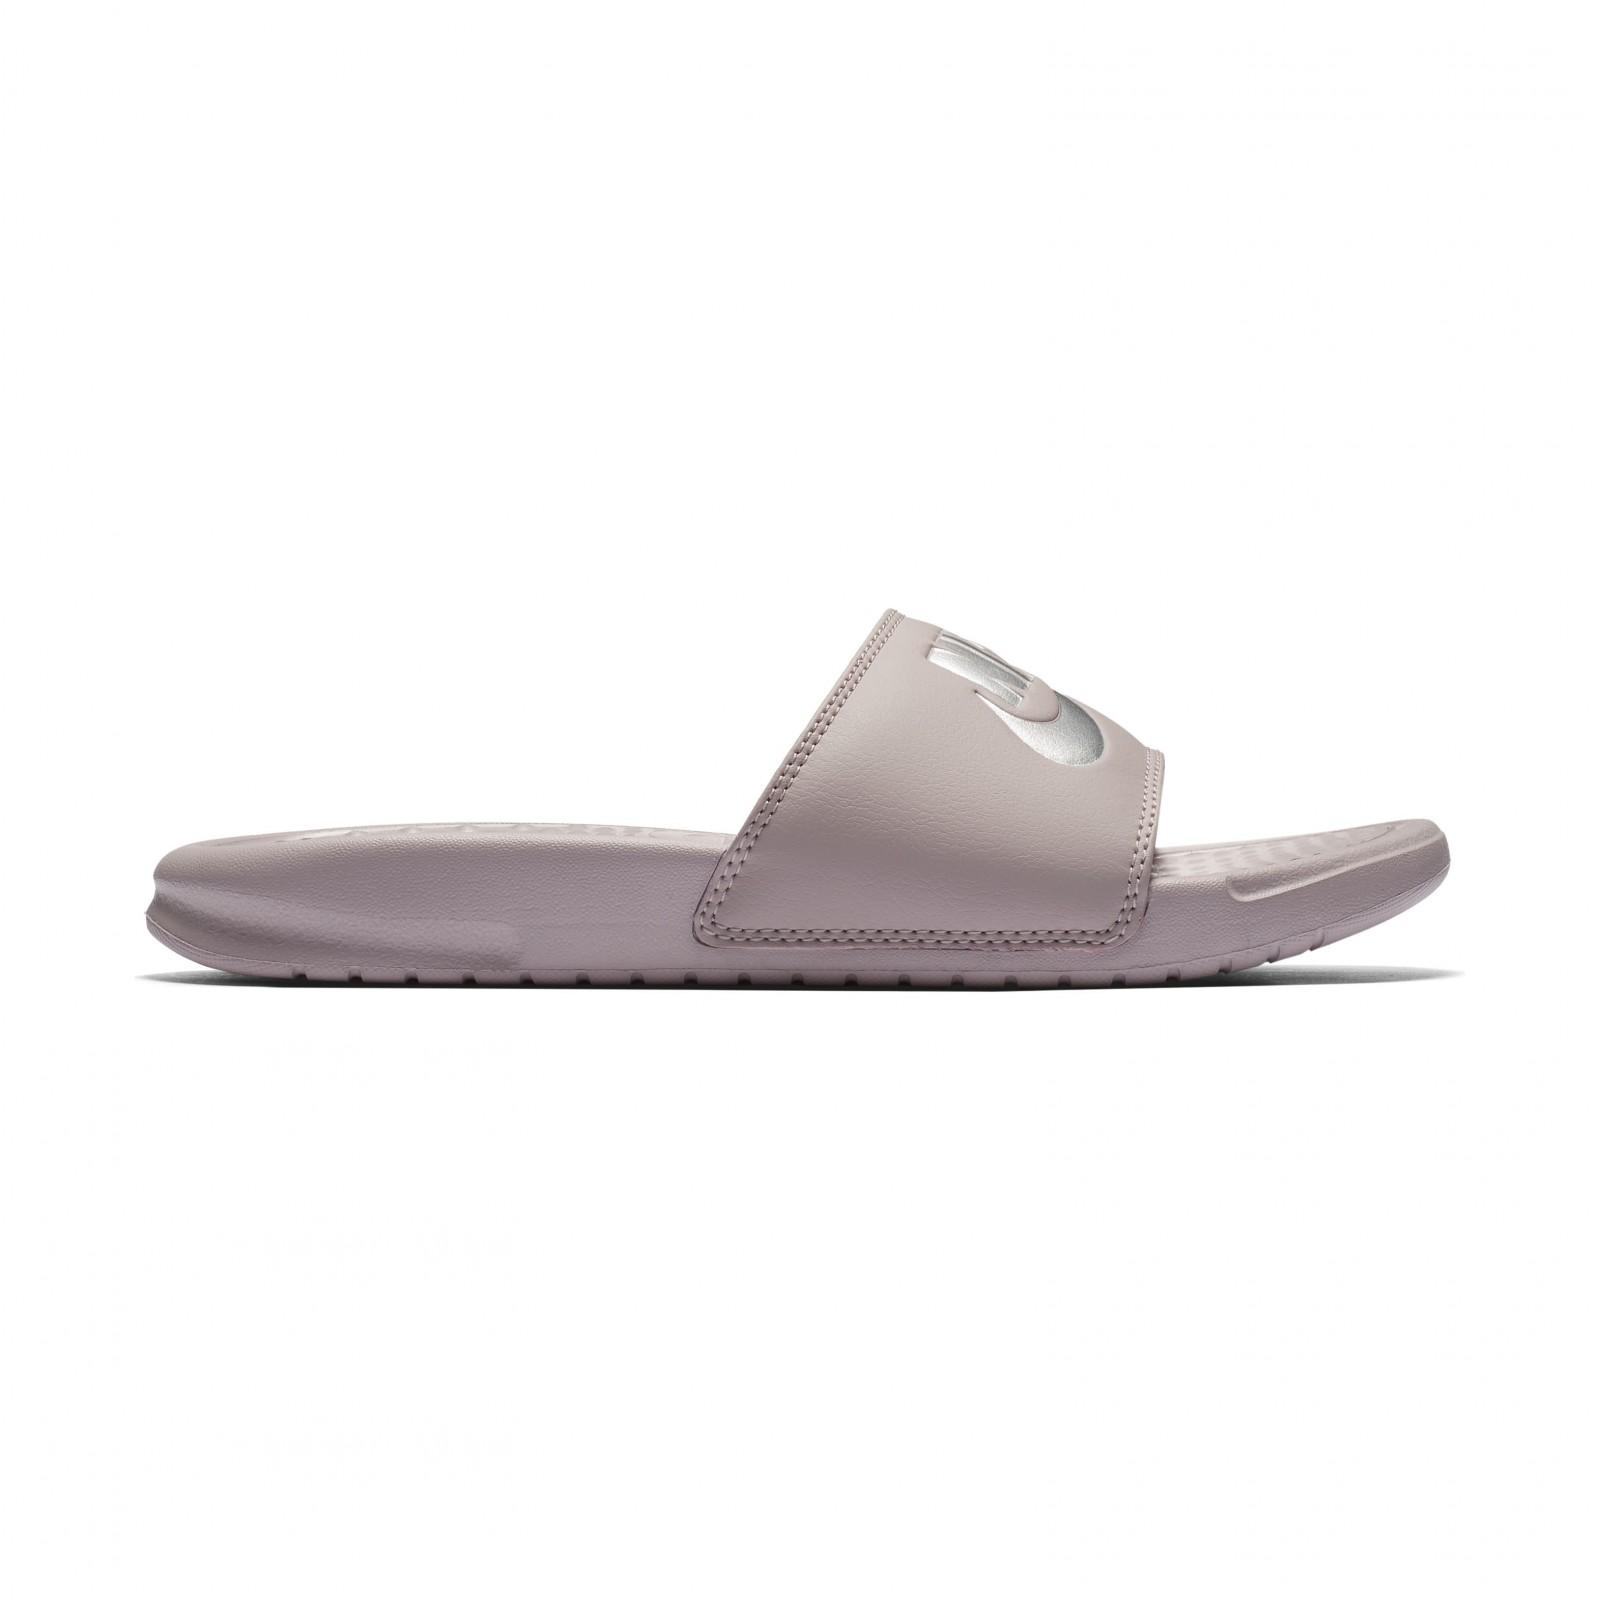 848d266f01e Dámské pantofle Nike WMNS BENASSI JDI